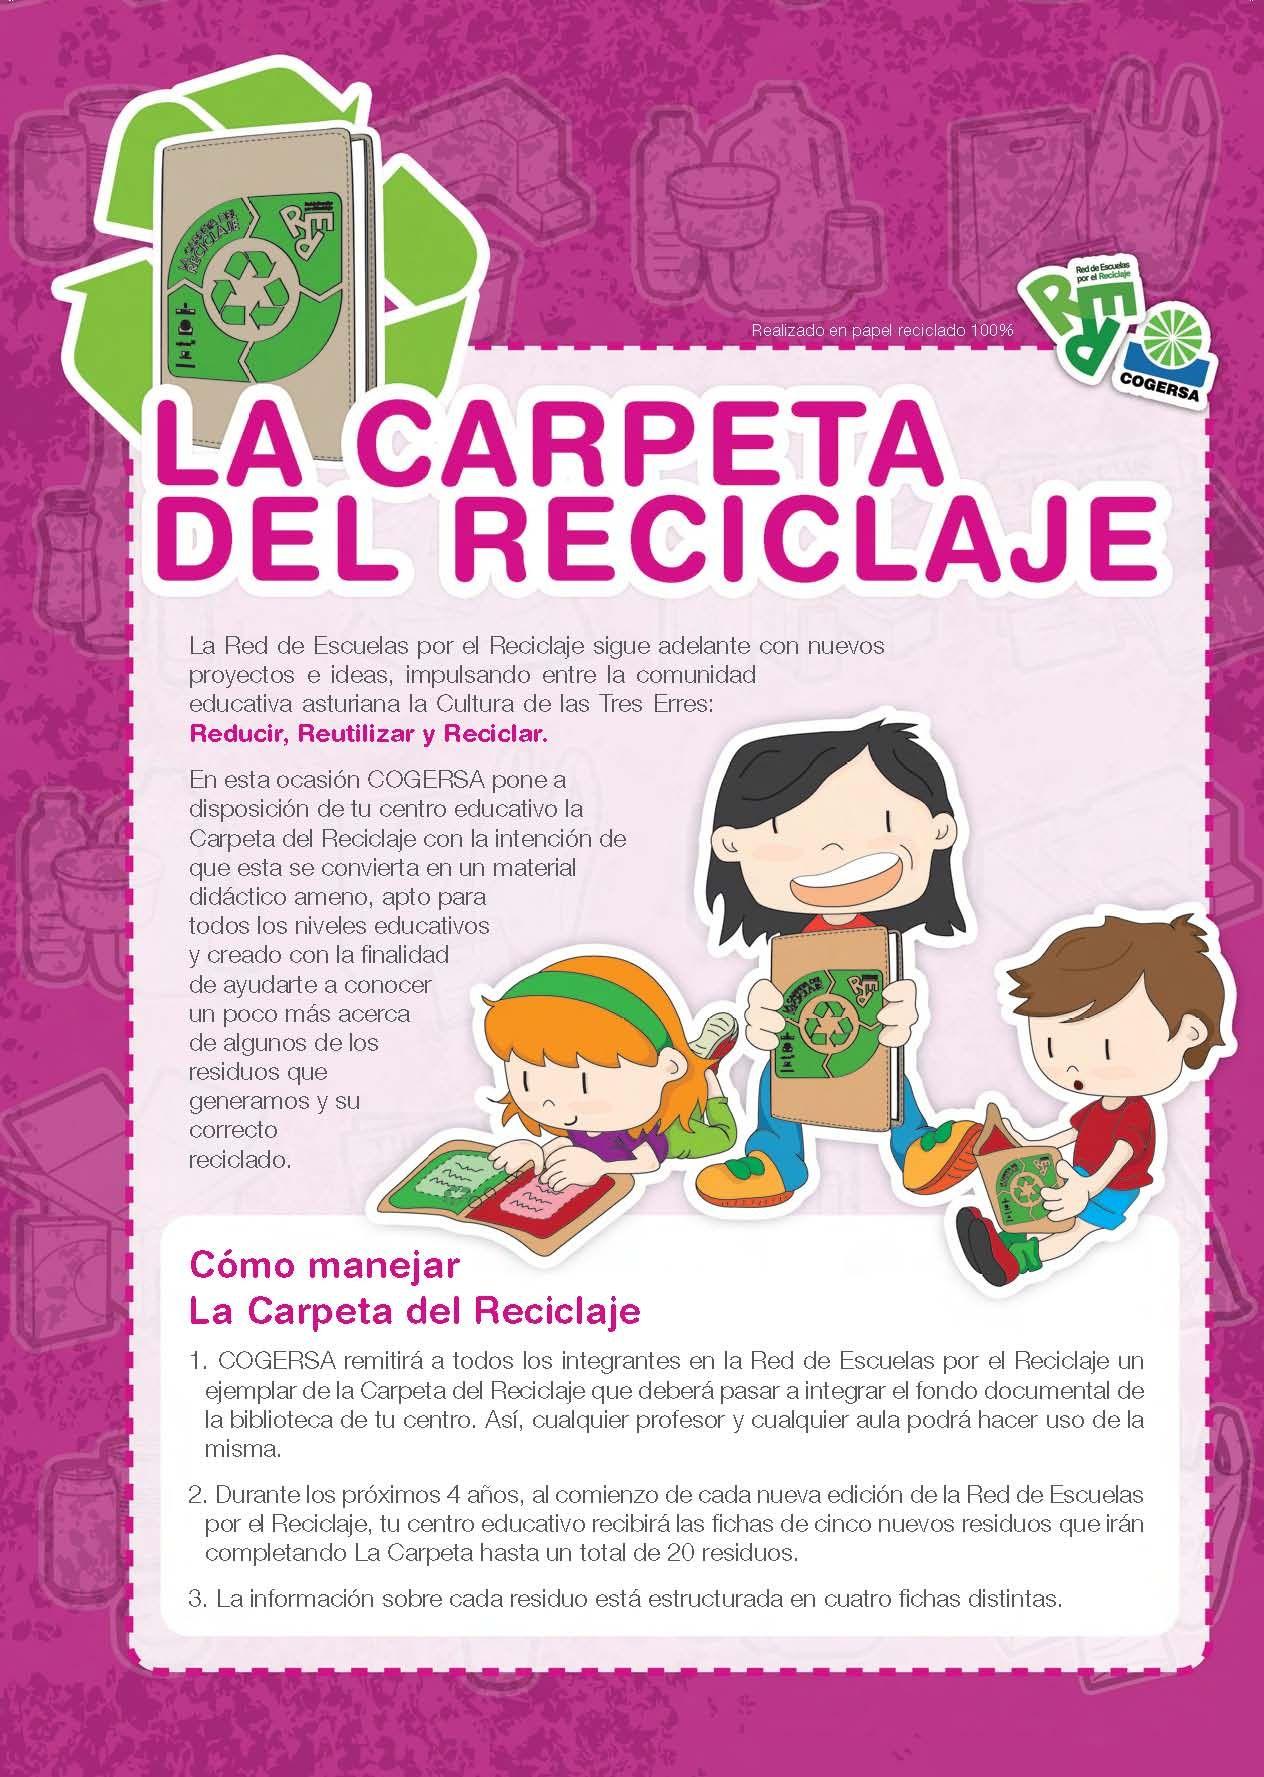 carteles reciclaje | Reciclaje :D | Pinterest | School